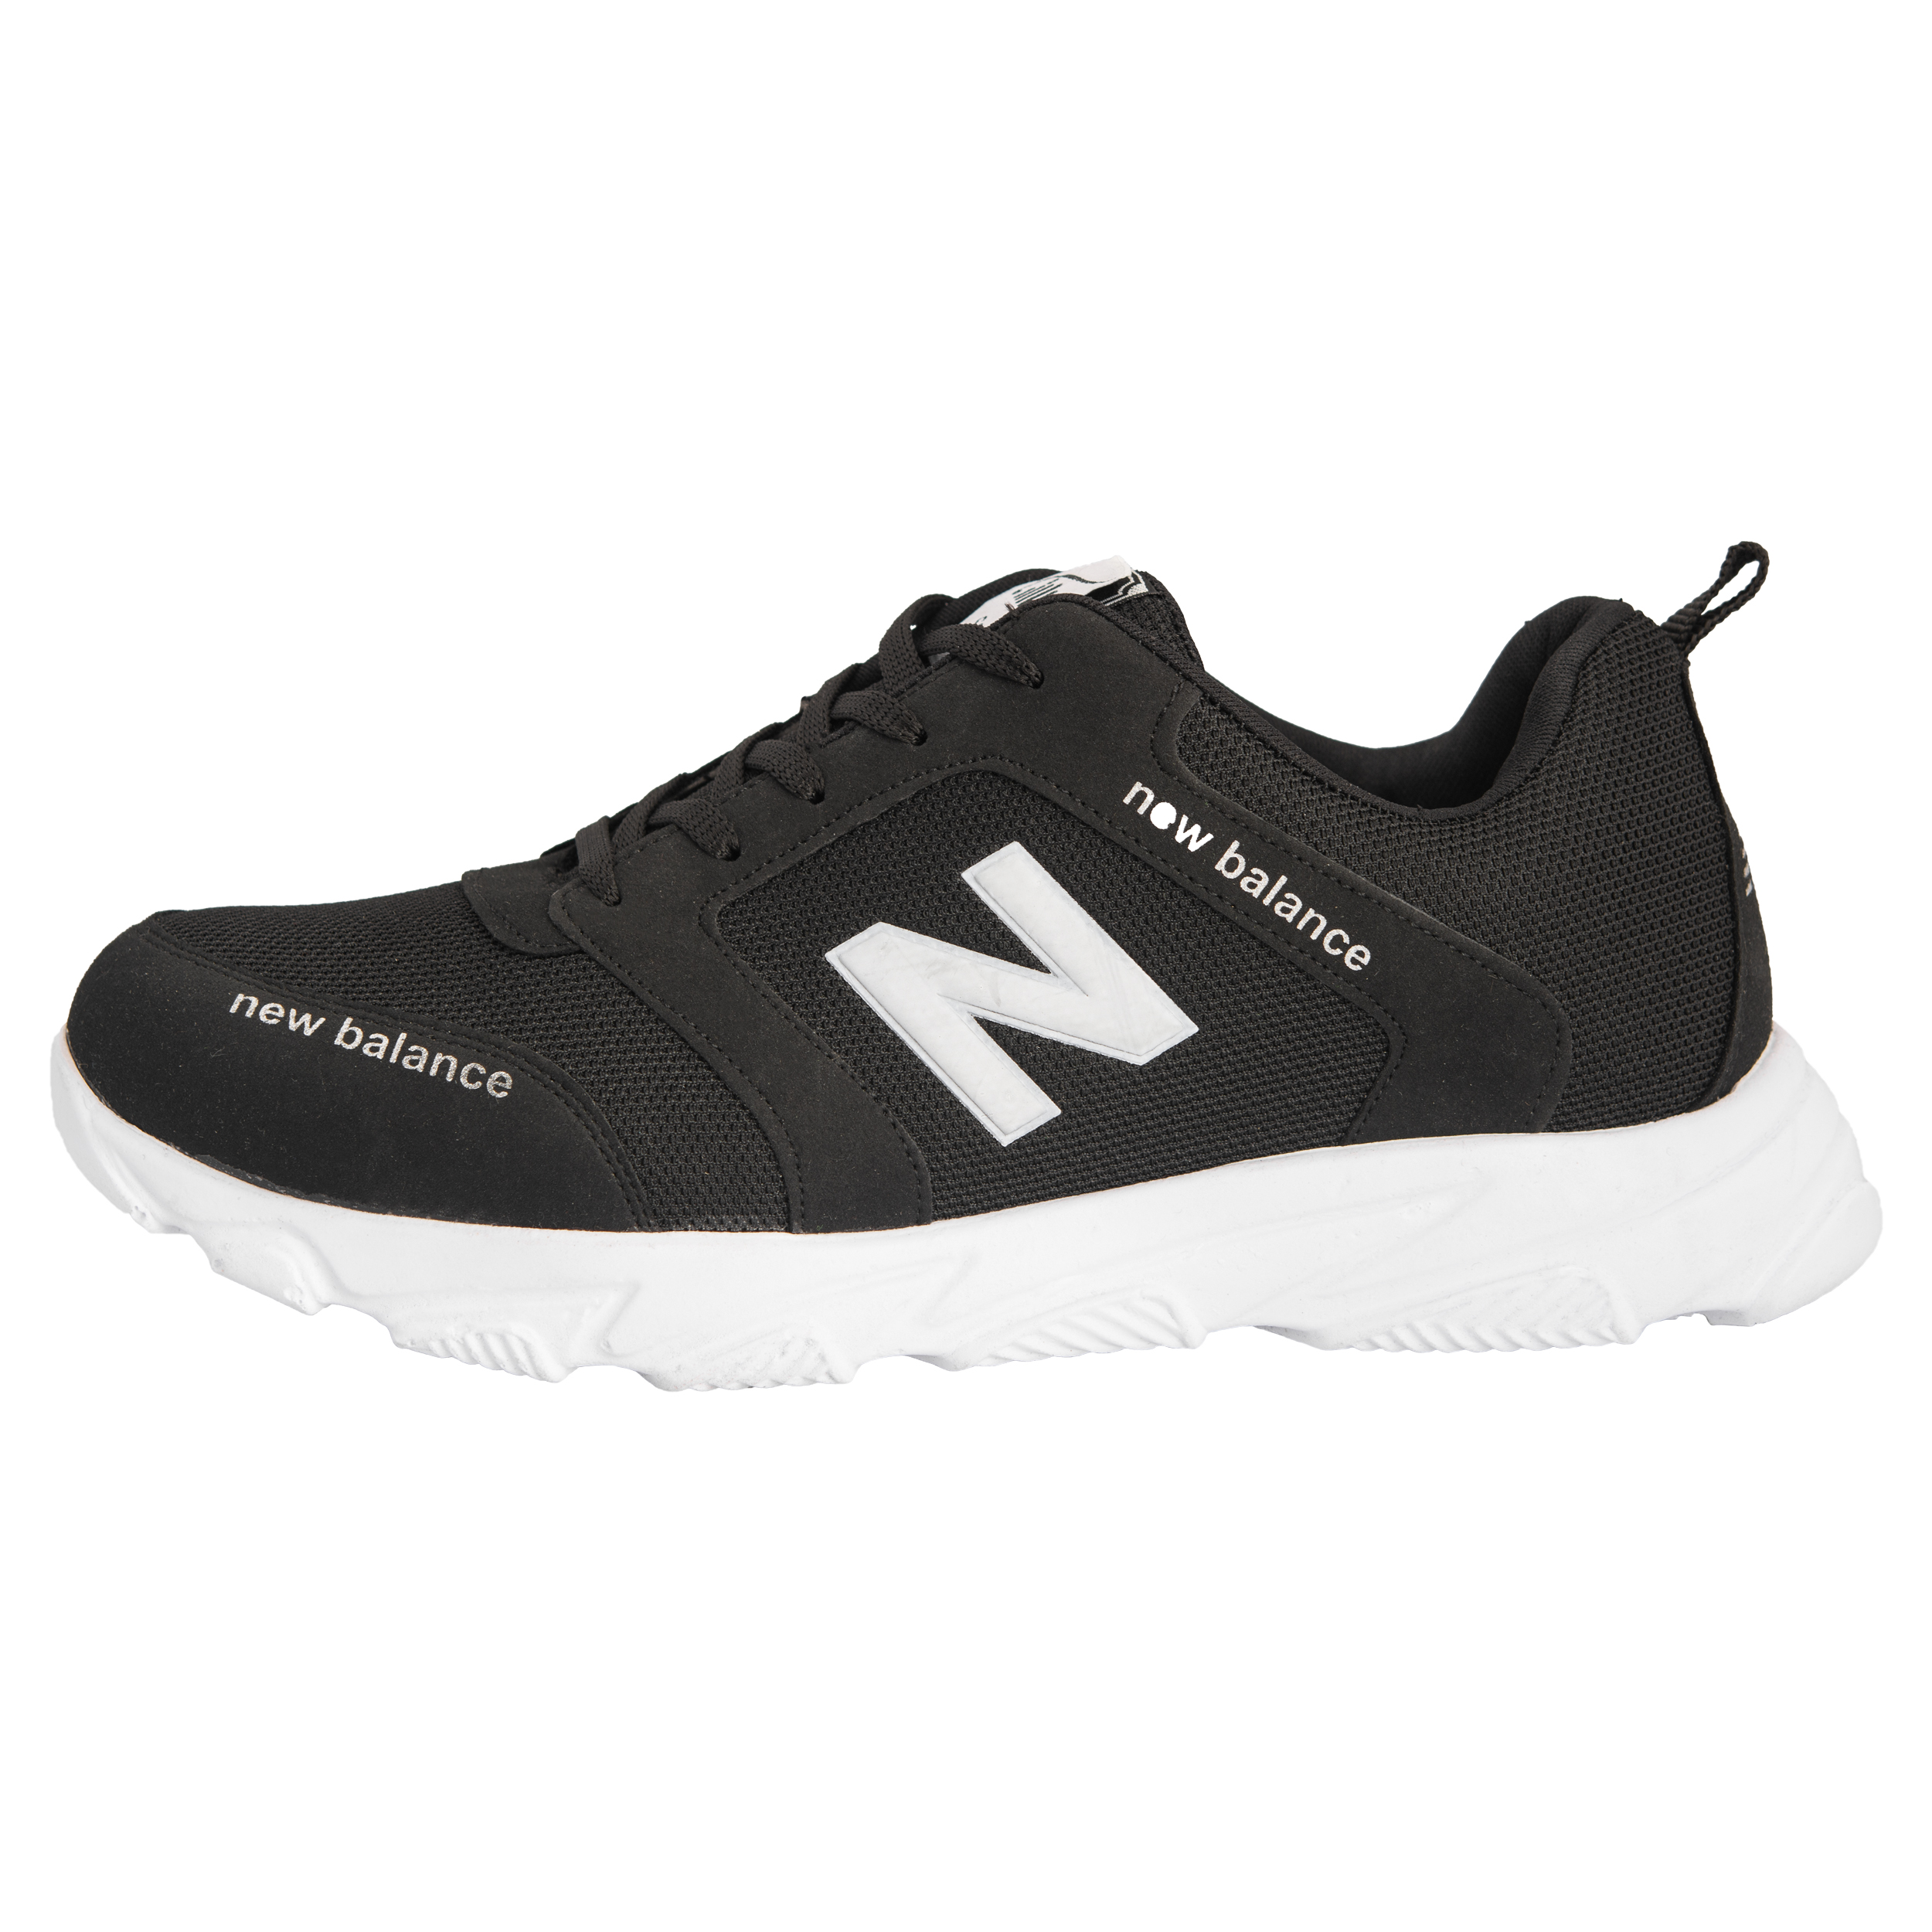 کفش مخصوص پیاده روی مردانه کد N.bzrg.P.a